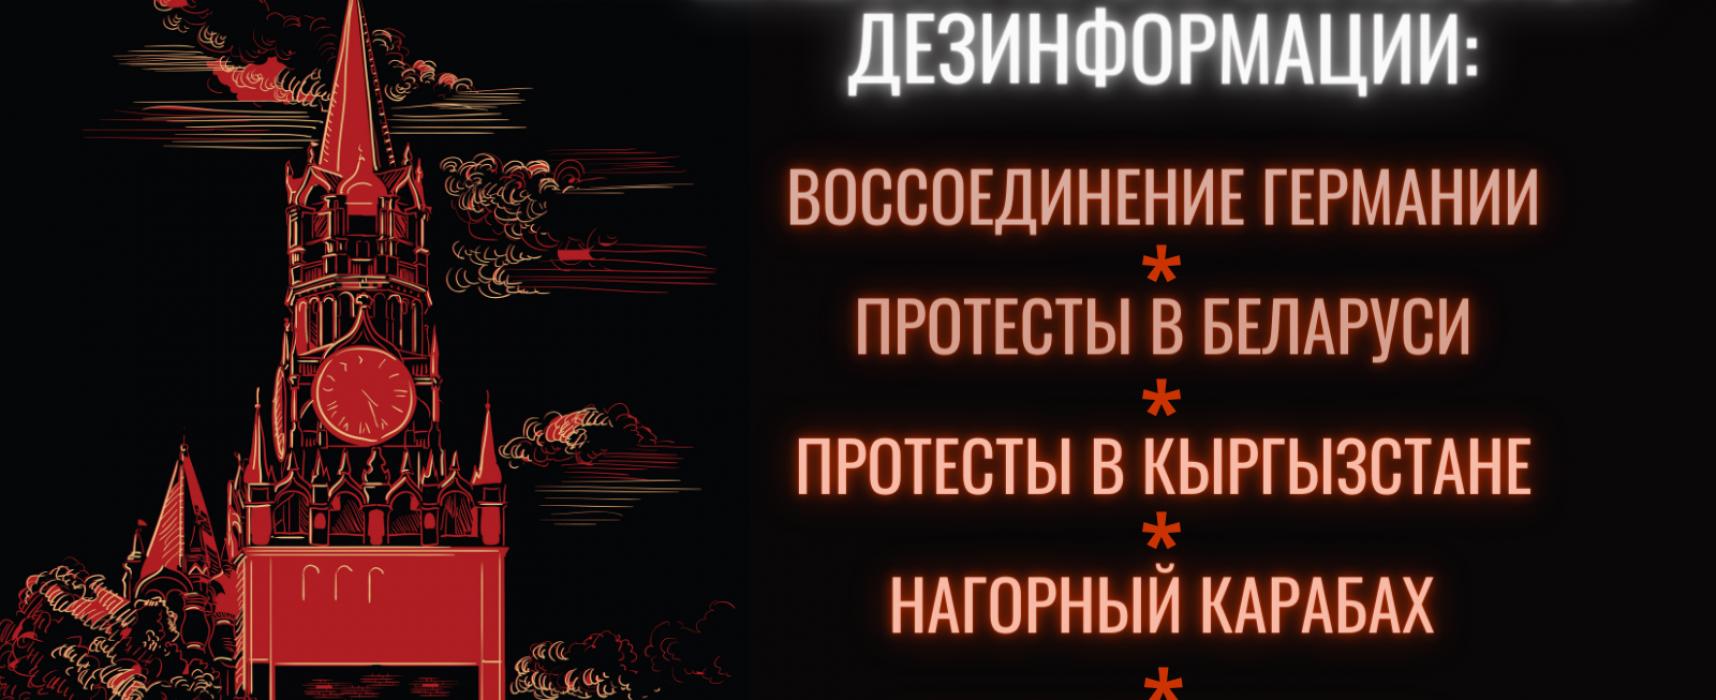 Призраки кремлевского прошлого